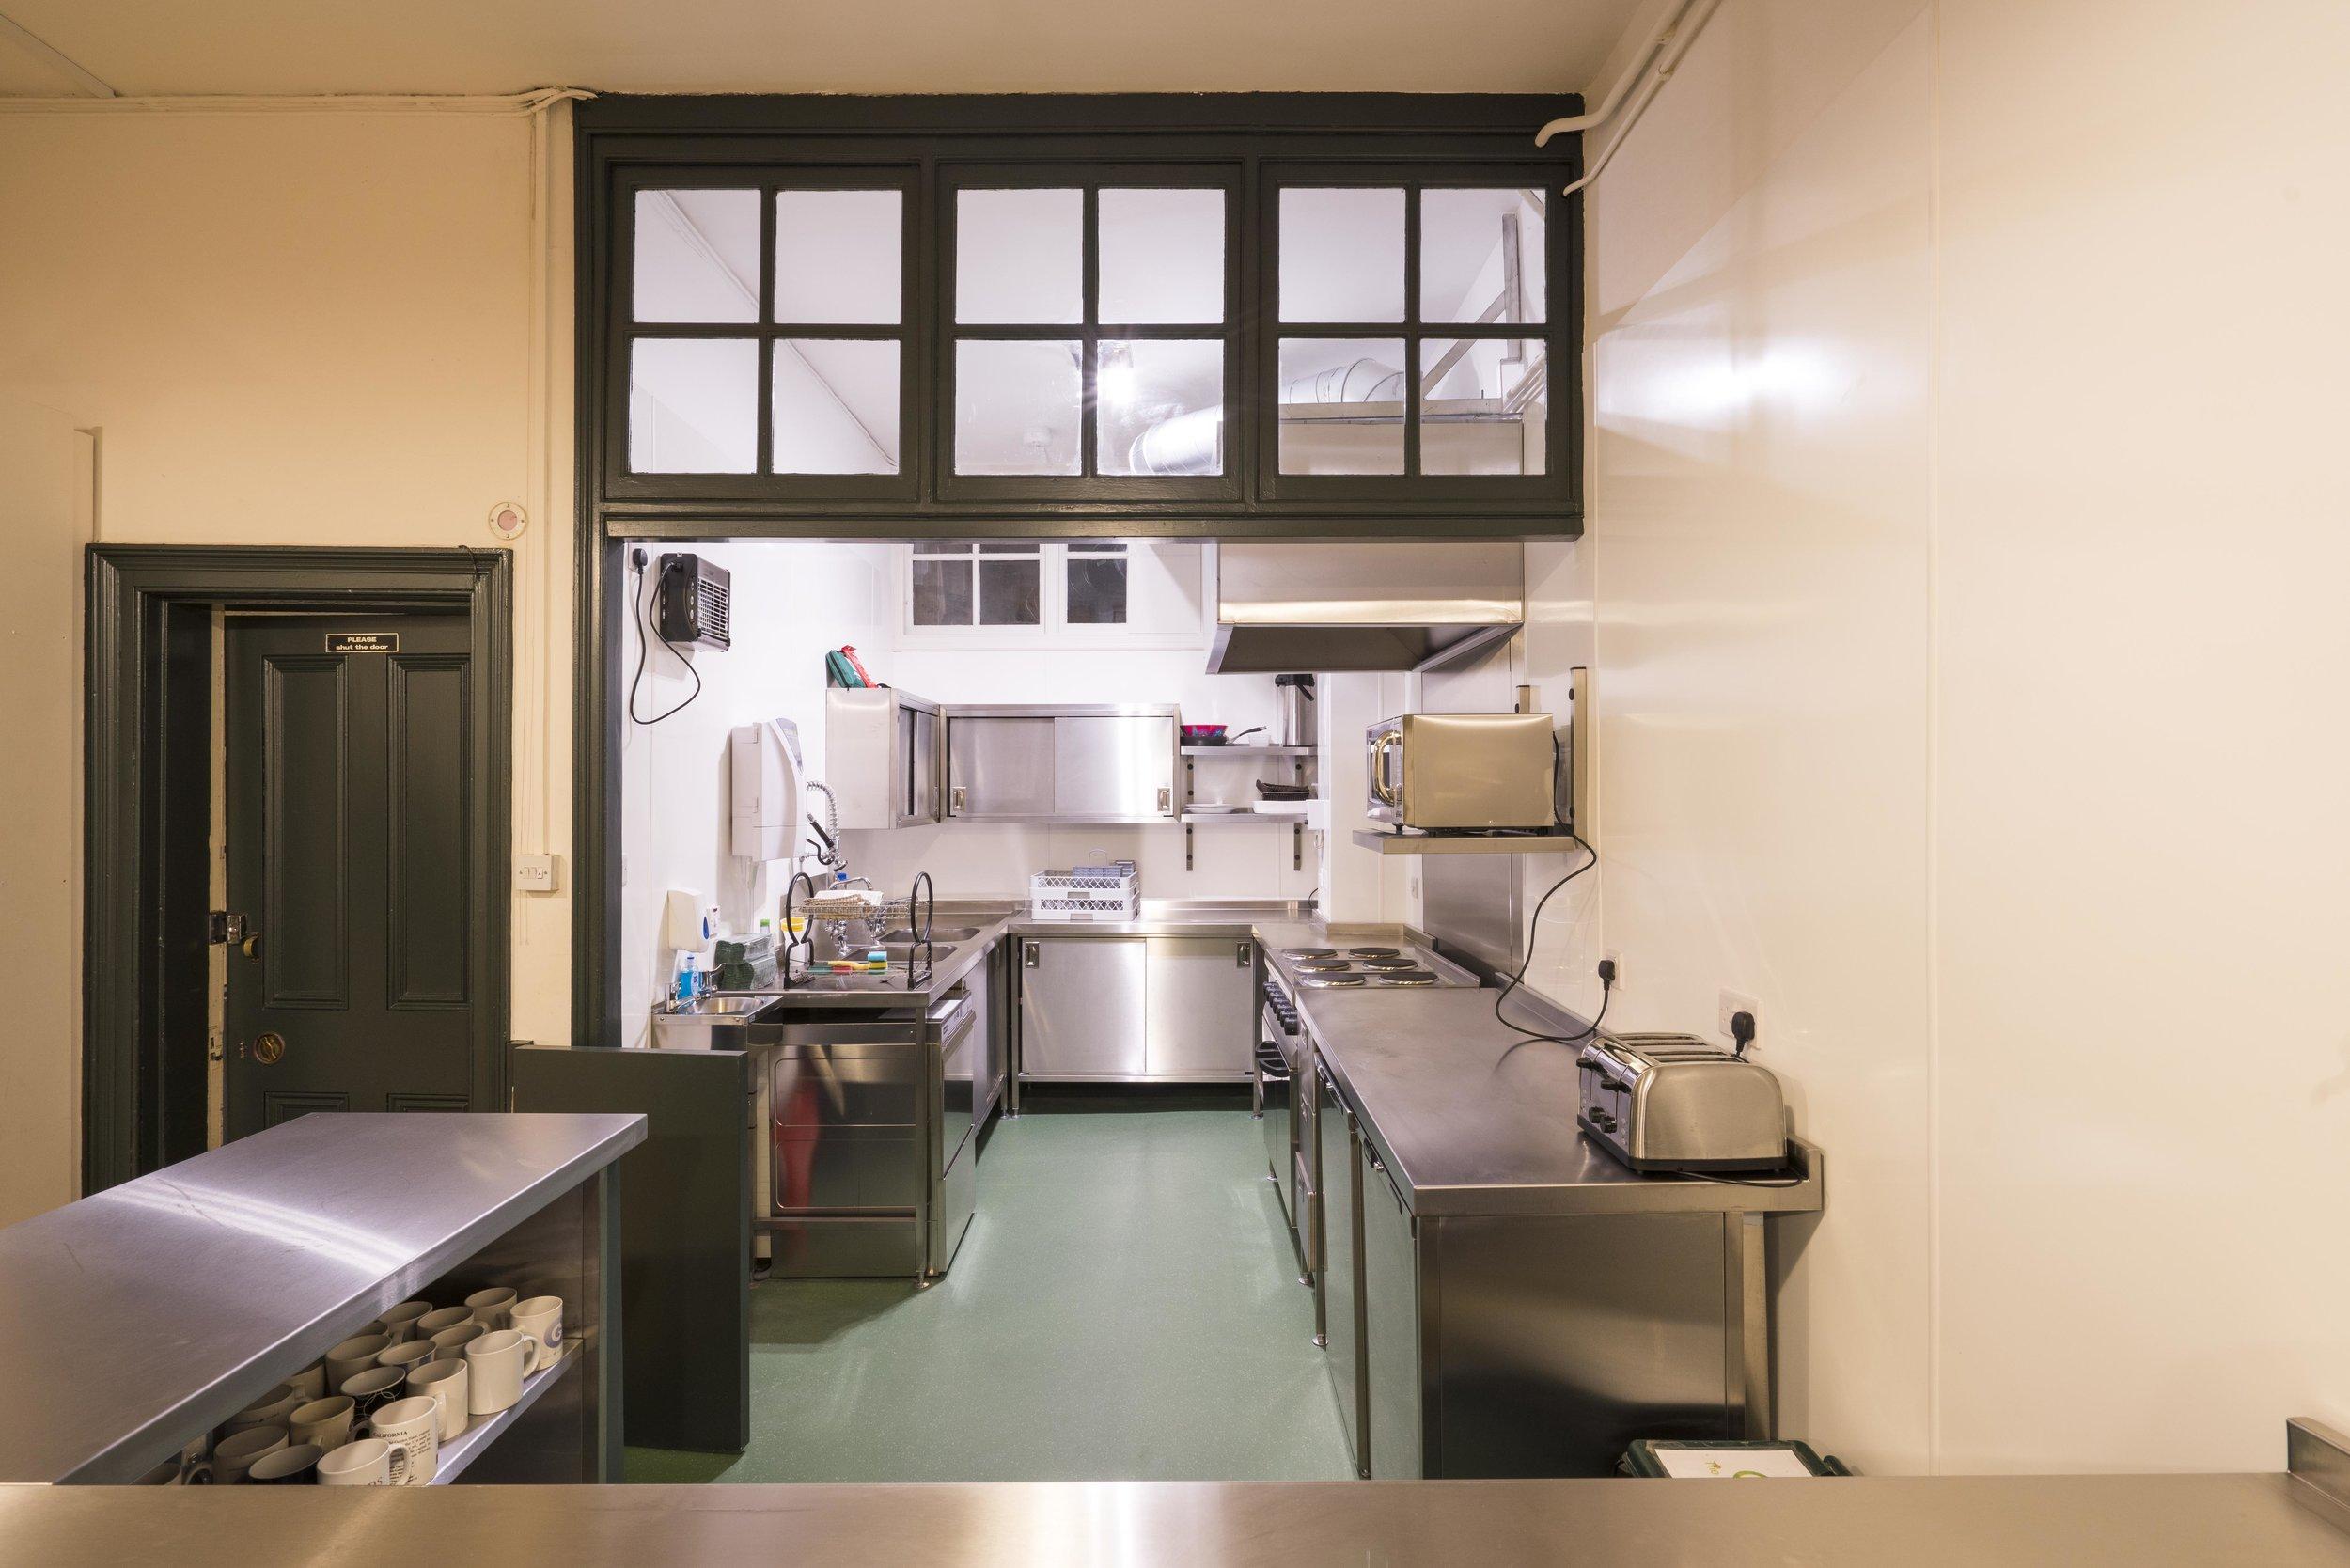 NU Upper St Kitchen (1 of 8).jpg